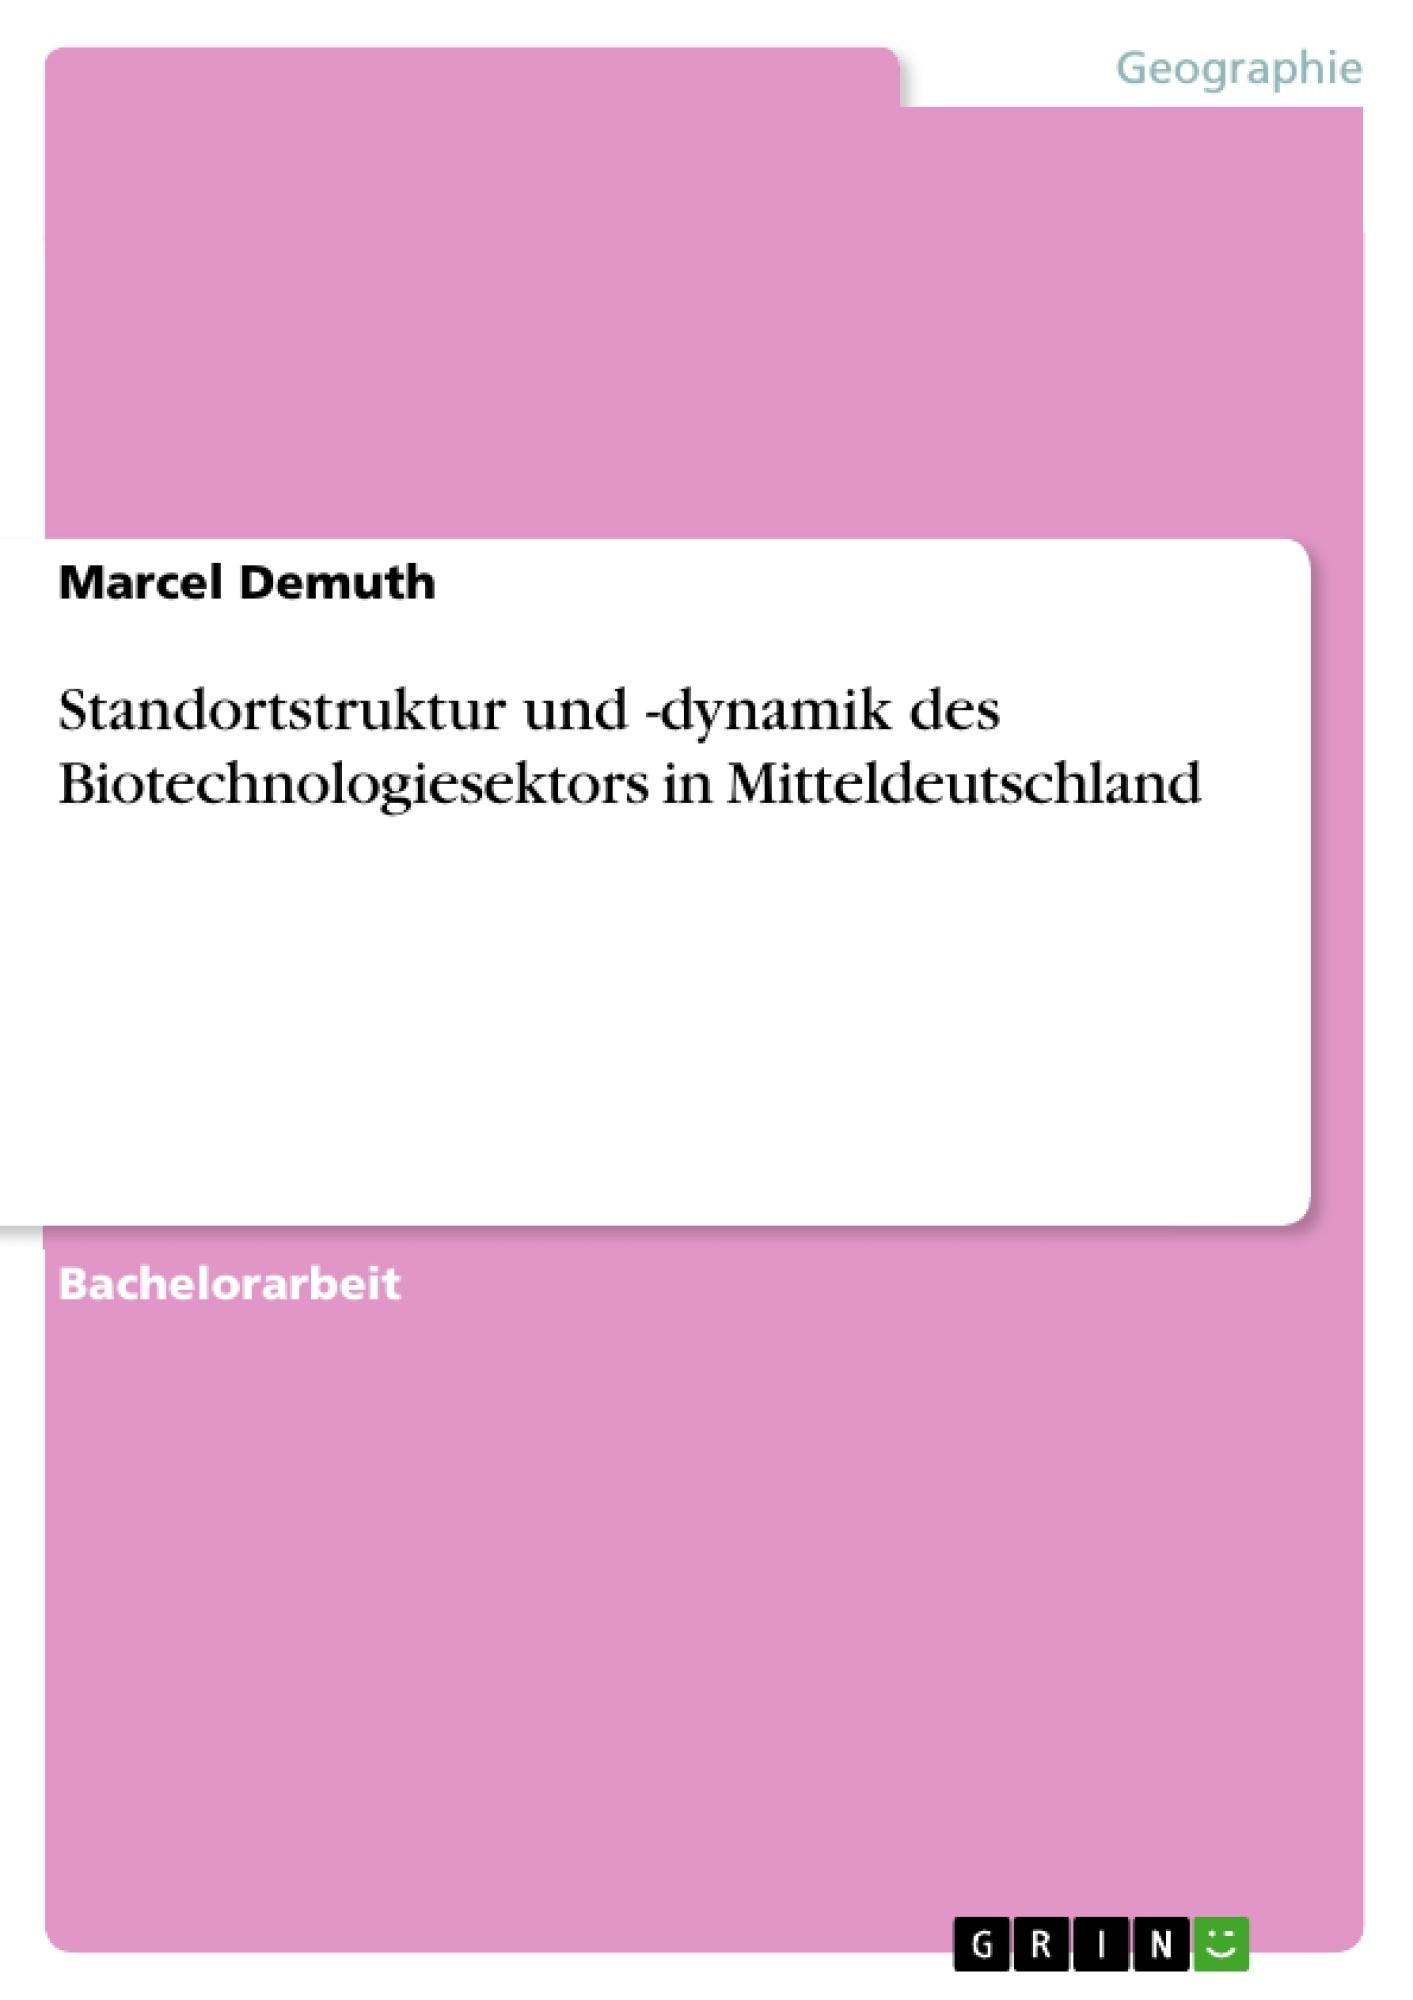 Titel: Standortstruktur und -dynamik des Biotechnologiesektors in Mitteldeutschland